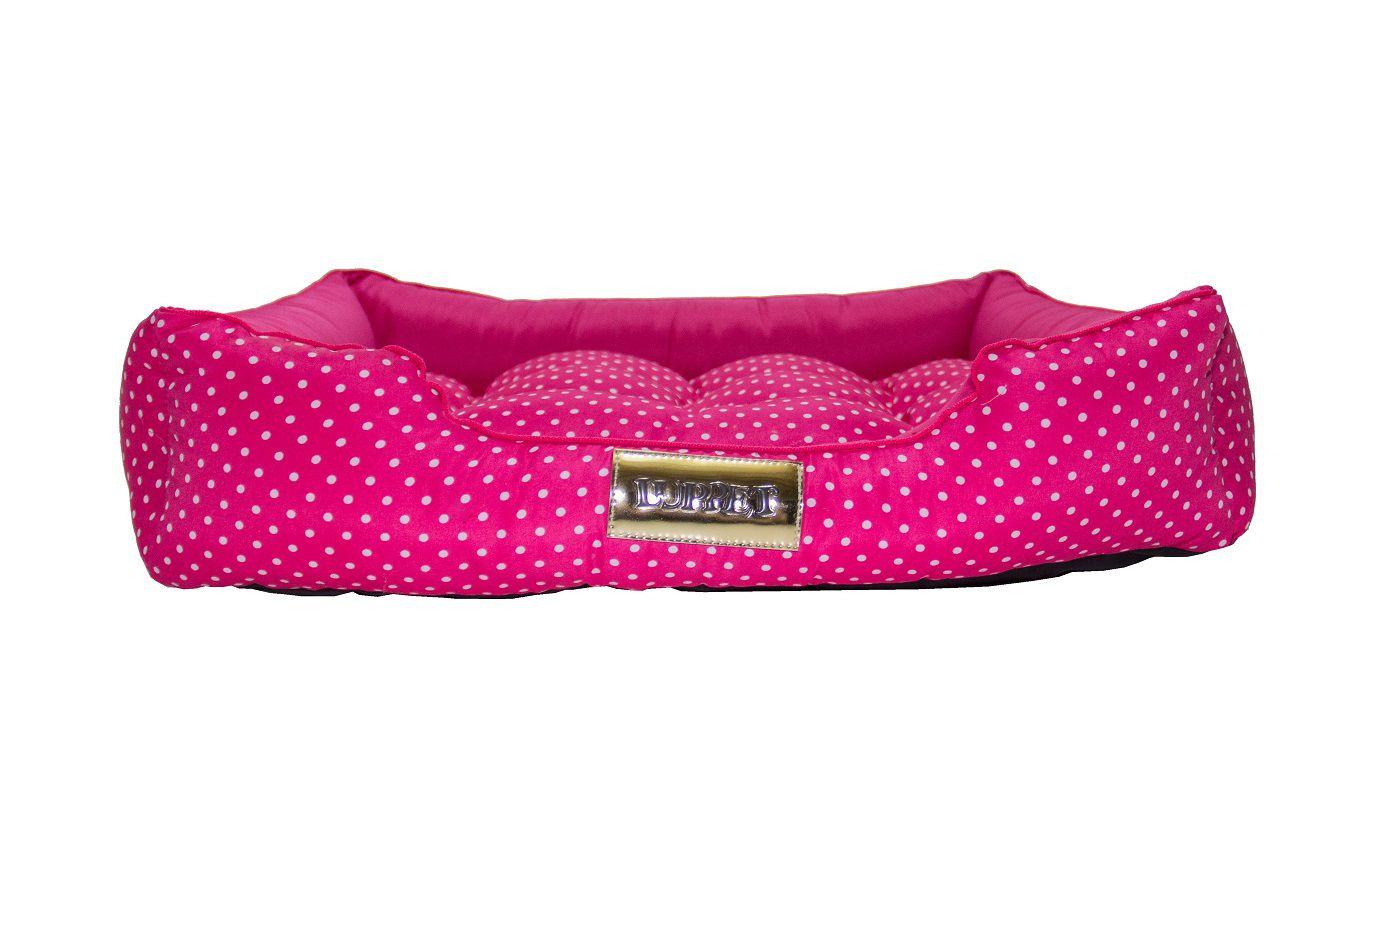 Cama Retangular para Cachorro ou Gato Luppet Luxo Rosa Bolinhas